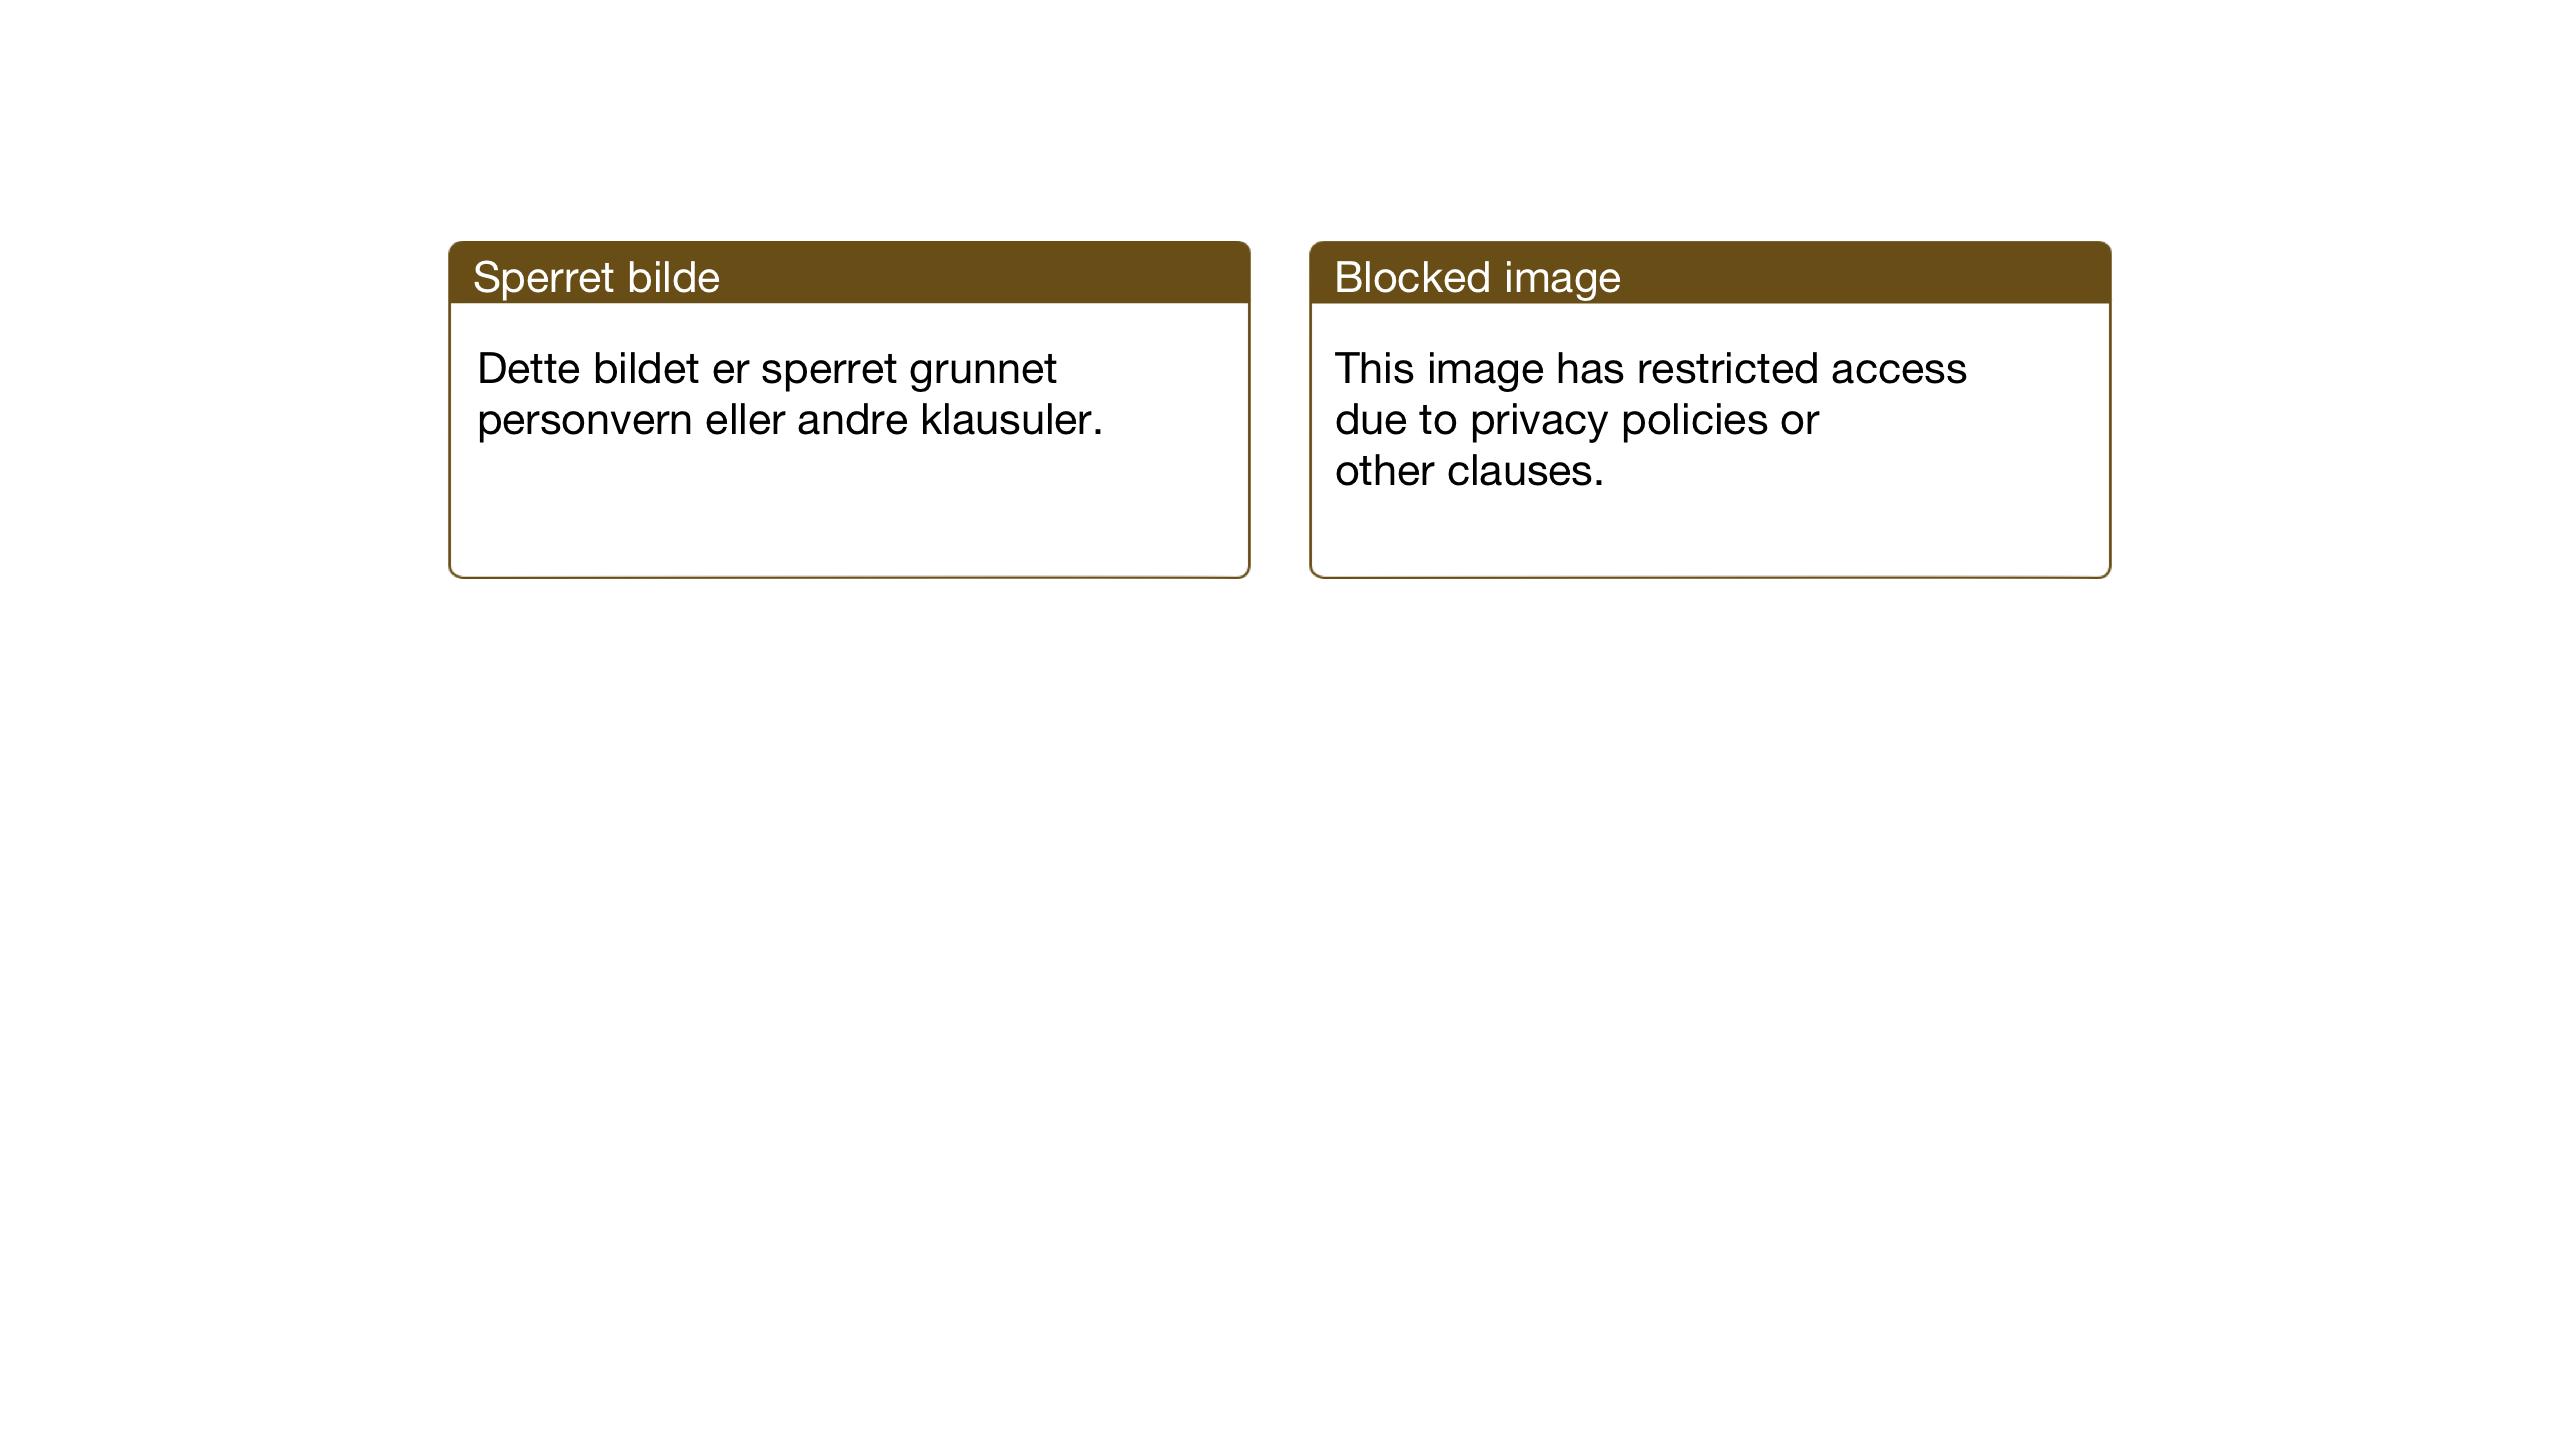 SAT, Ministerialprotokoller, klokkerbøker og fødselsregistre - Nord-Trøndelag, 722/L0227: Klokkerbok nr. 722C03, 1928-1958, s. 7